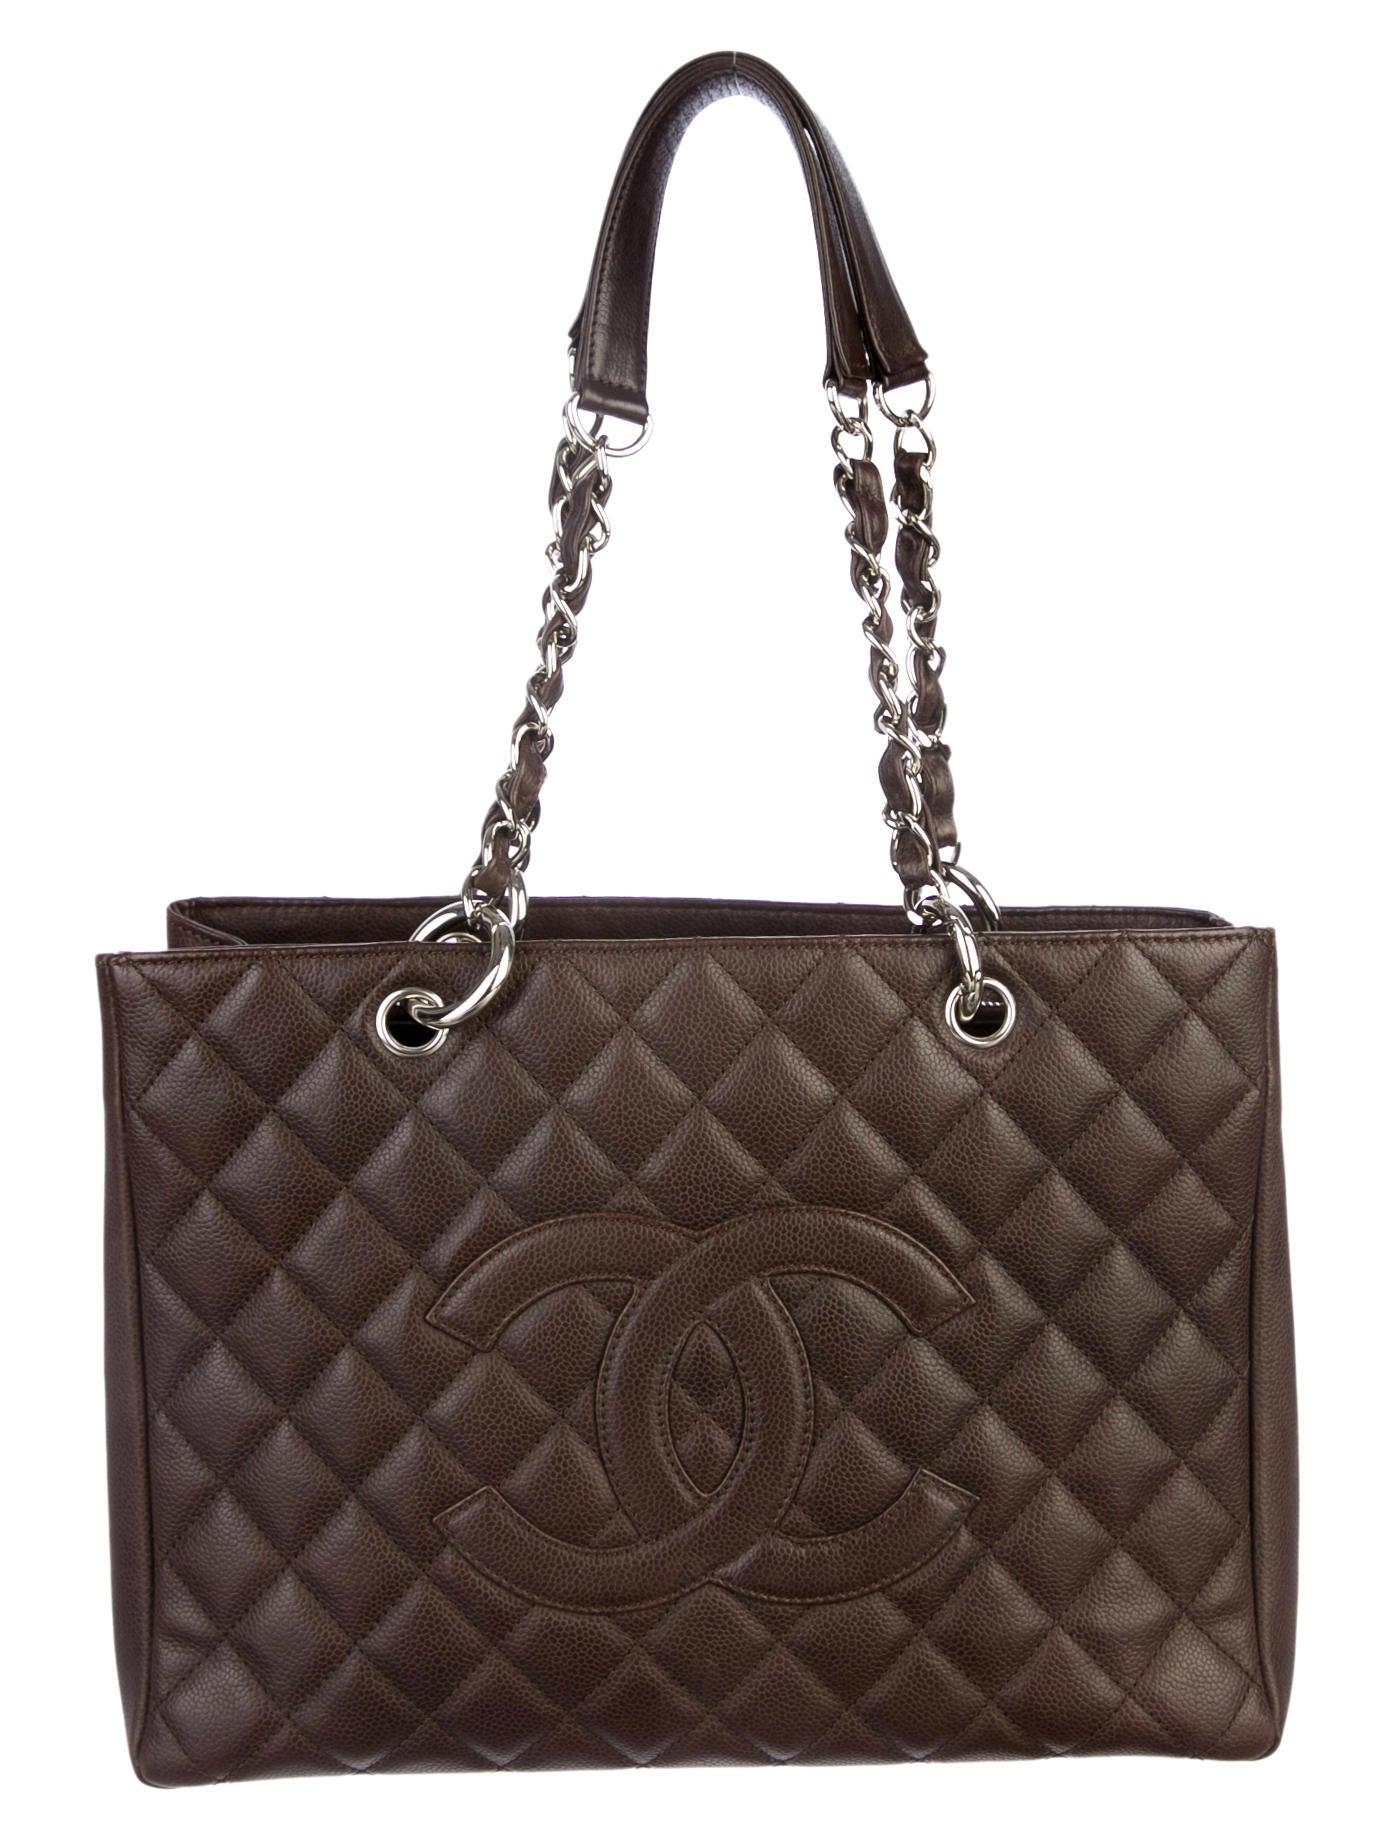 Chanel Grand Shopping Tote - Handbags - CHA54403